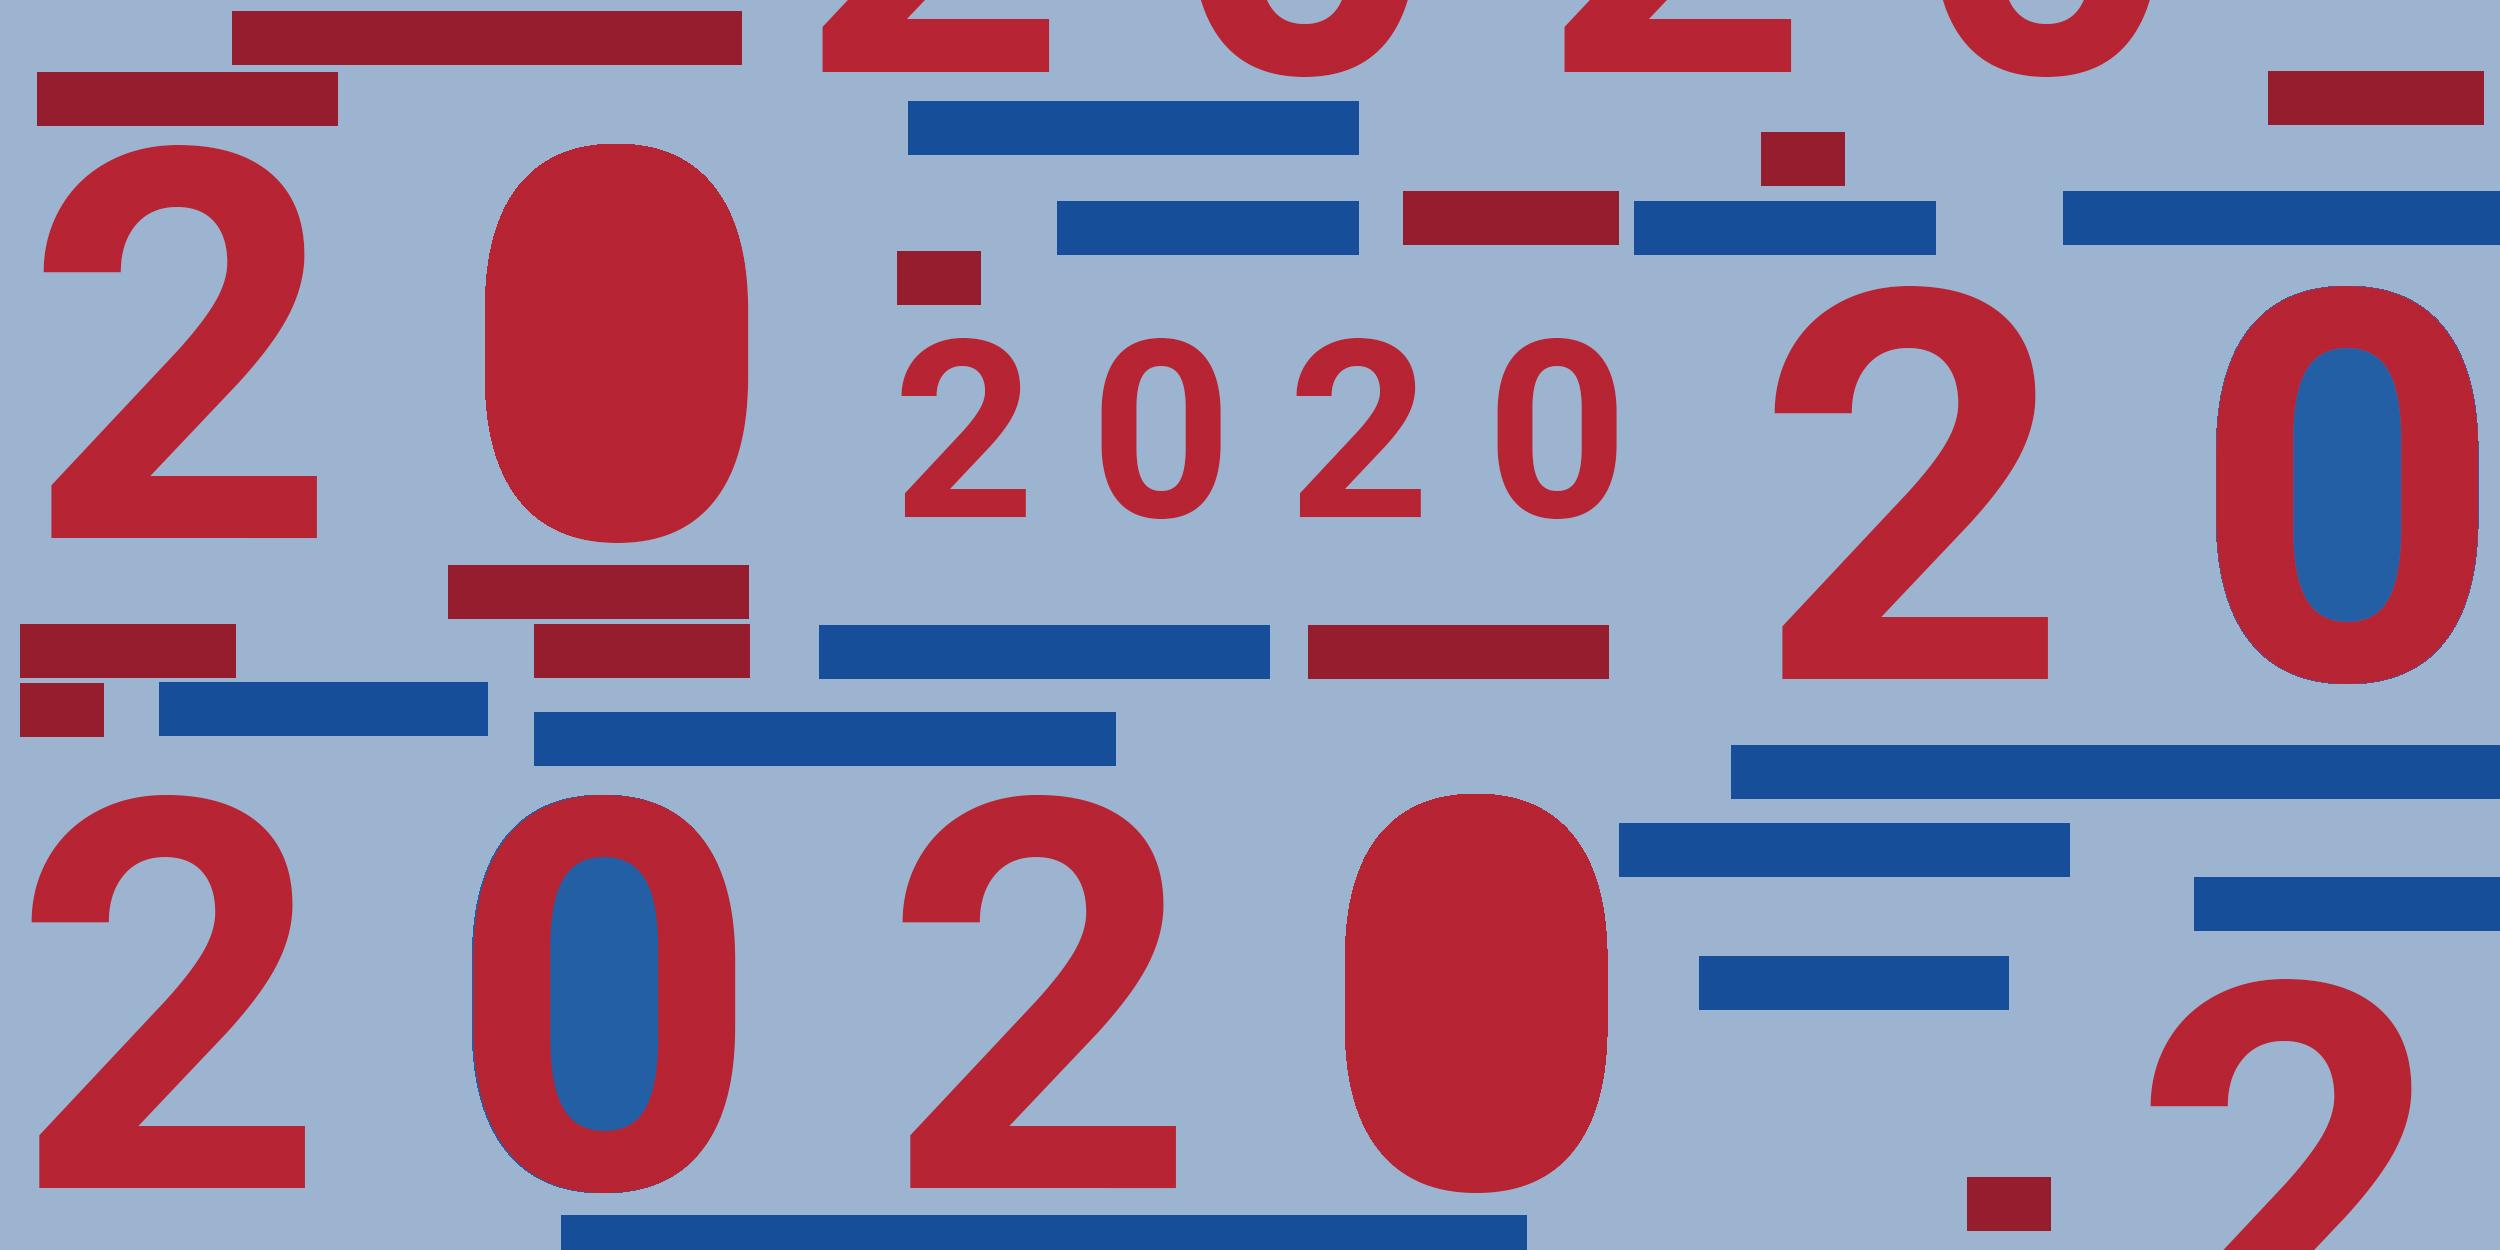 Опубликован календарь праздников 2020